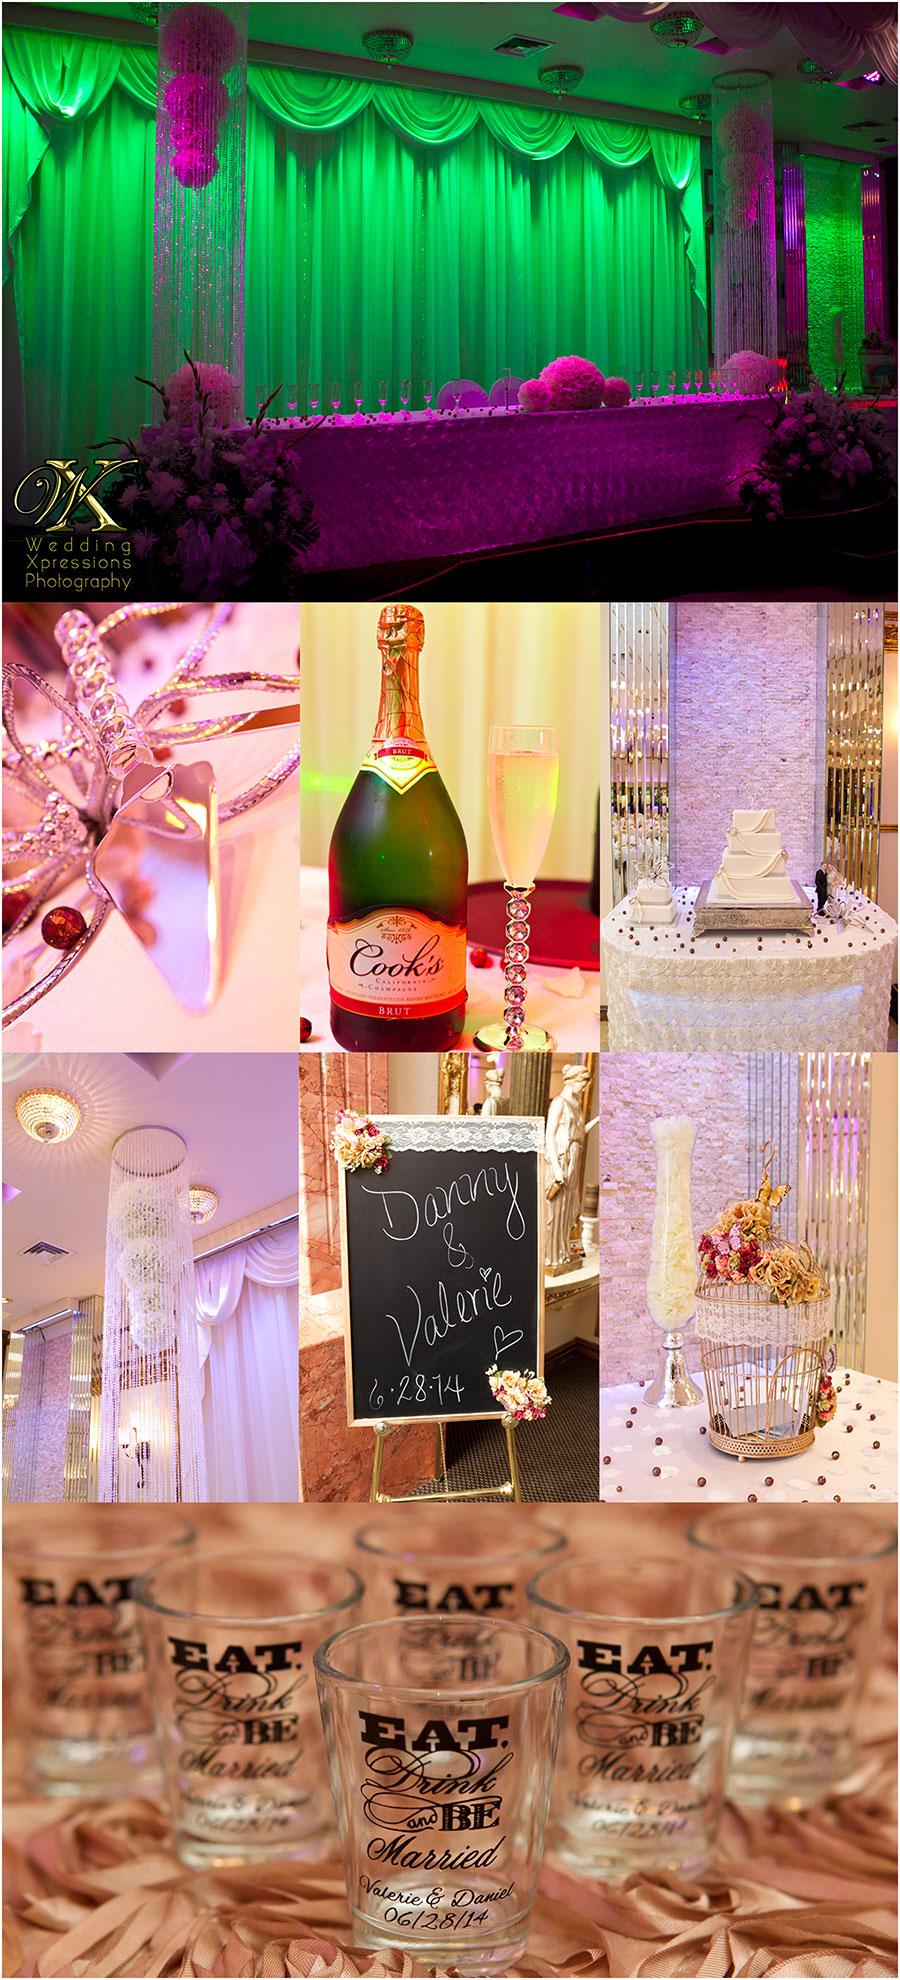 wedding at Grand Palace Ballroom